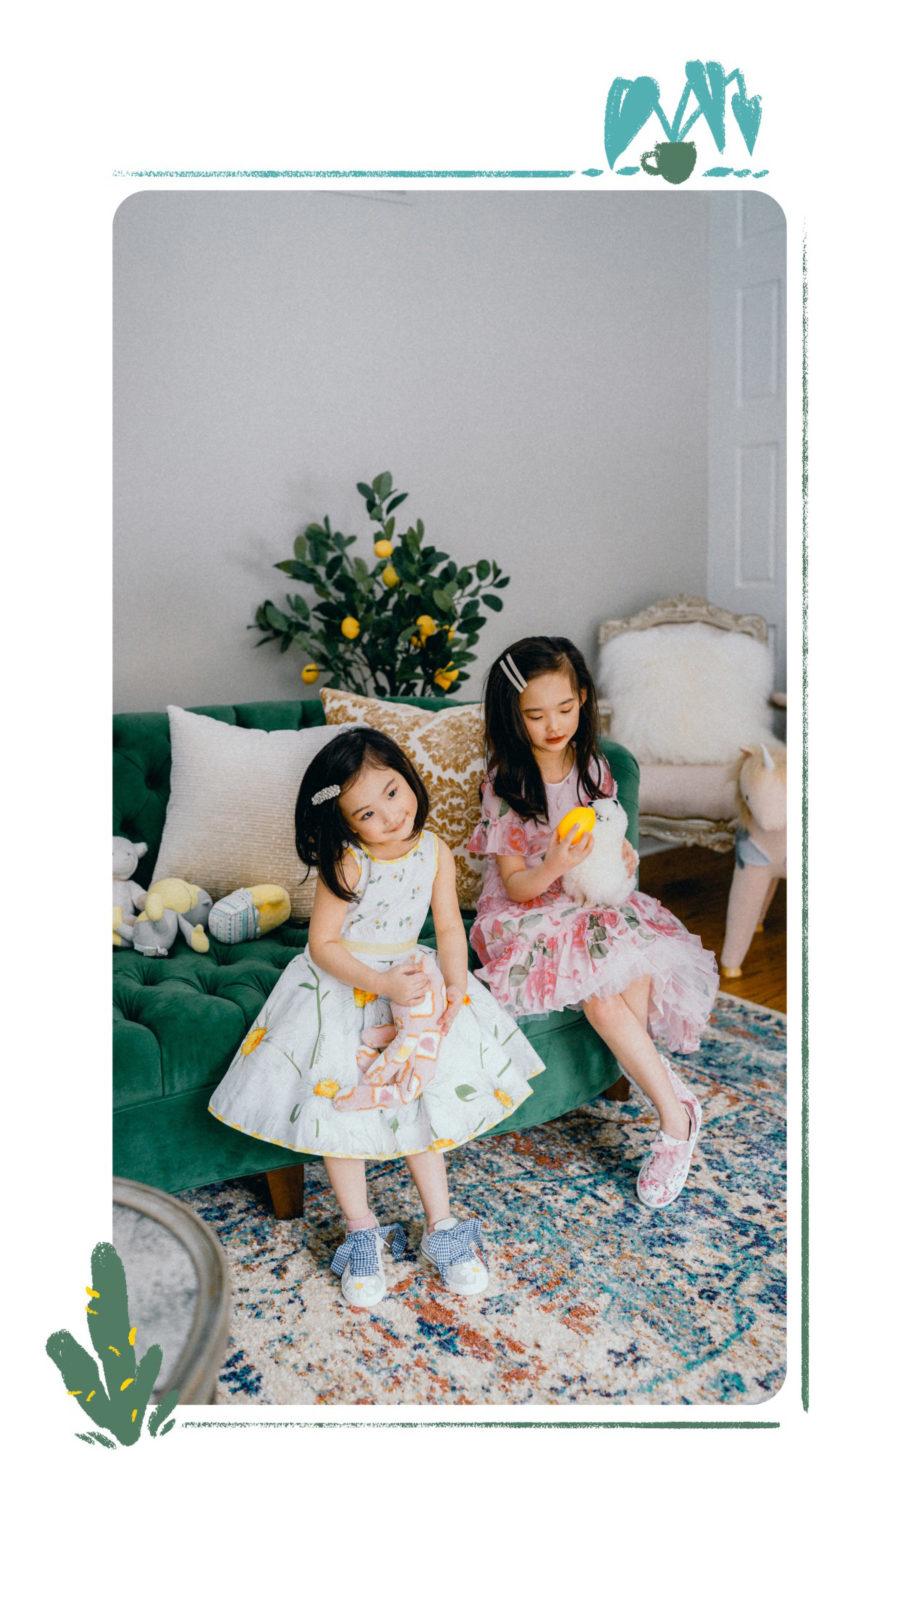 kids fashion trends for spring 2019 - kids floral dresses, kids fashion trends, melijoe kids clothing // Notjessfashion.com